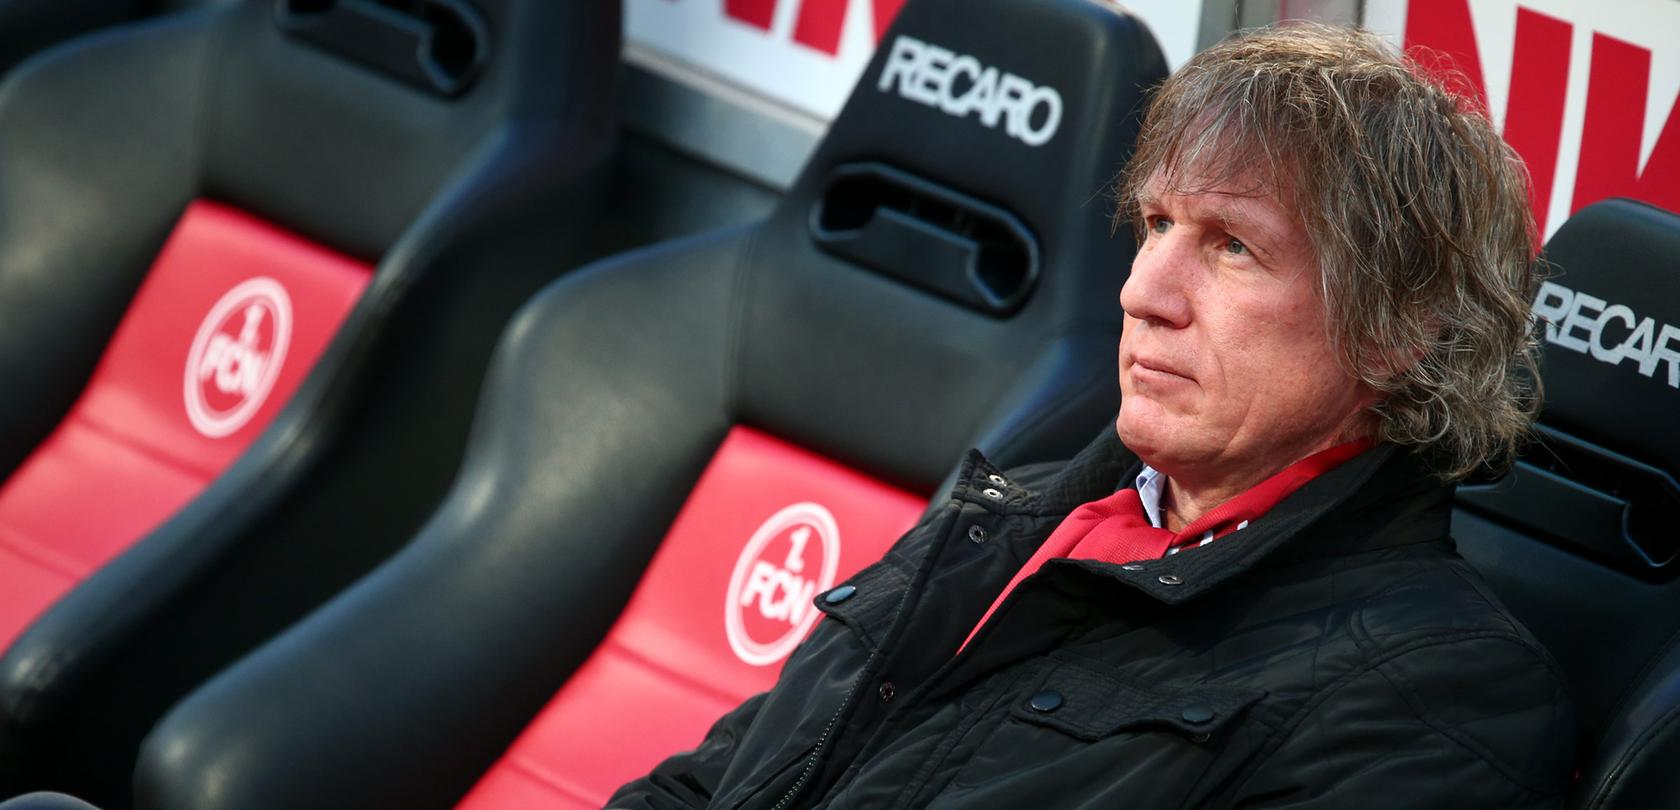 Die Stunden von Gertjan Verbeek als Trainer des 1. FC Nürnberg scheinen gezählt.